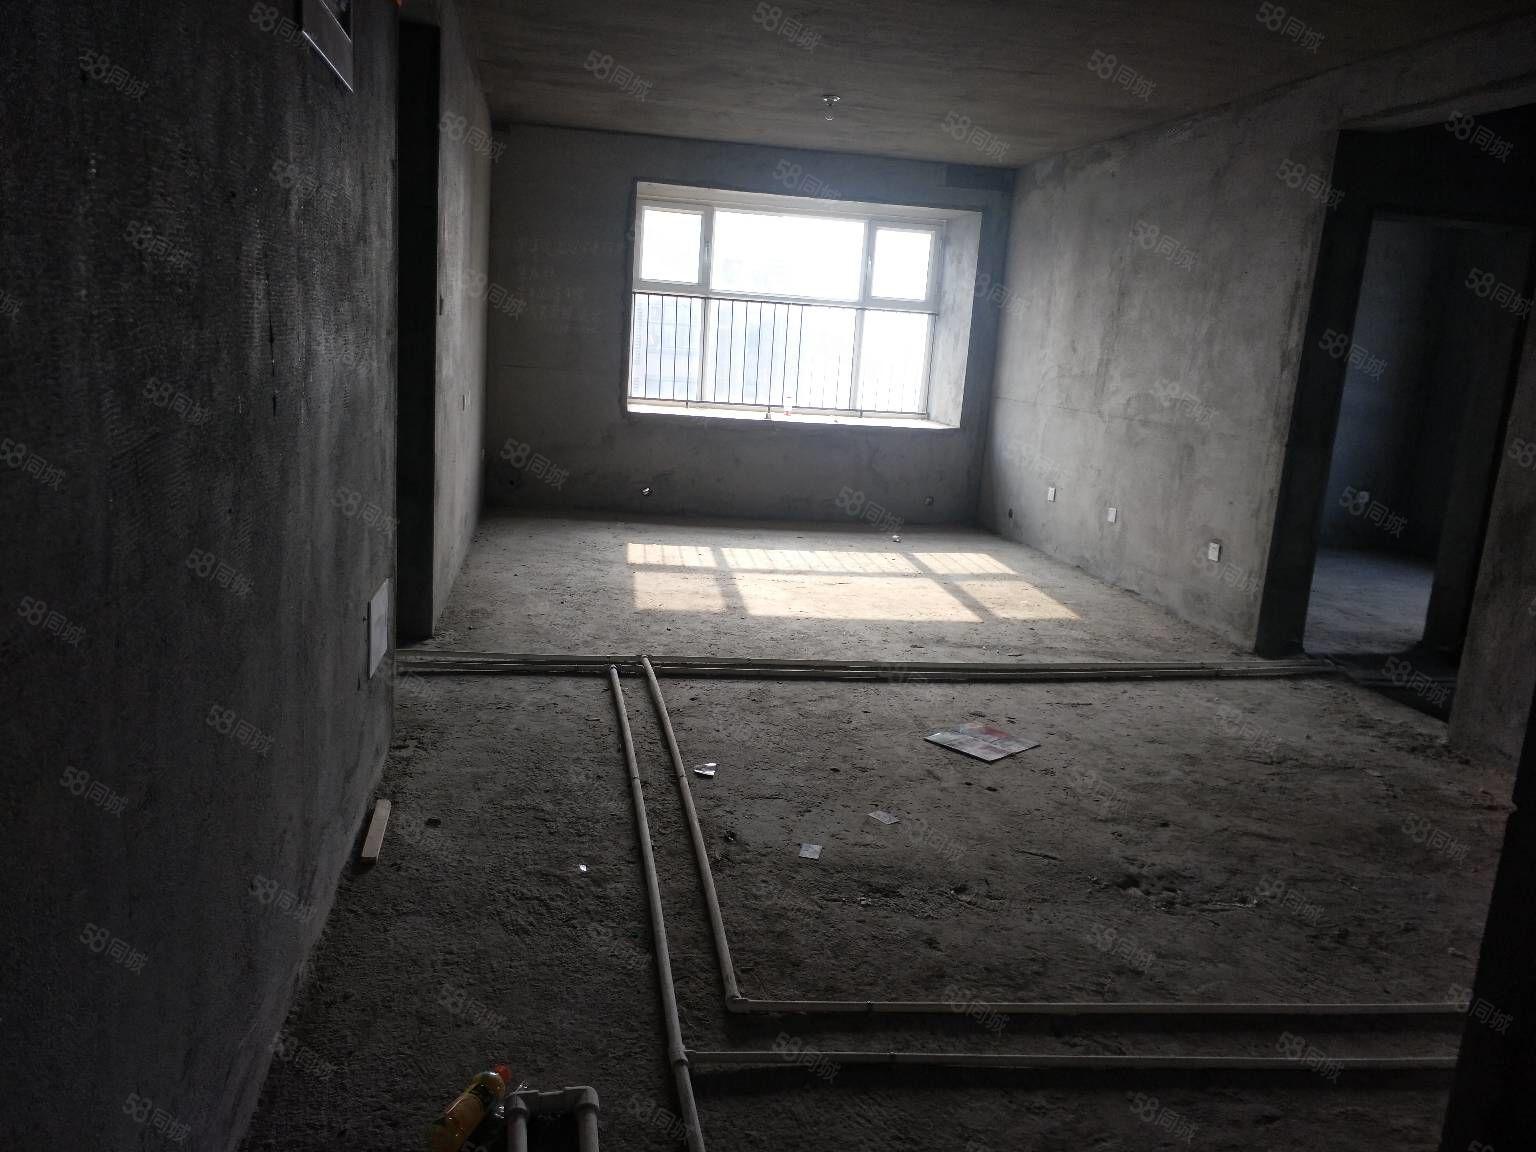 海斯顿30楼毛坯现房两室客厅朝阳带地下室走新房手续支持按揭